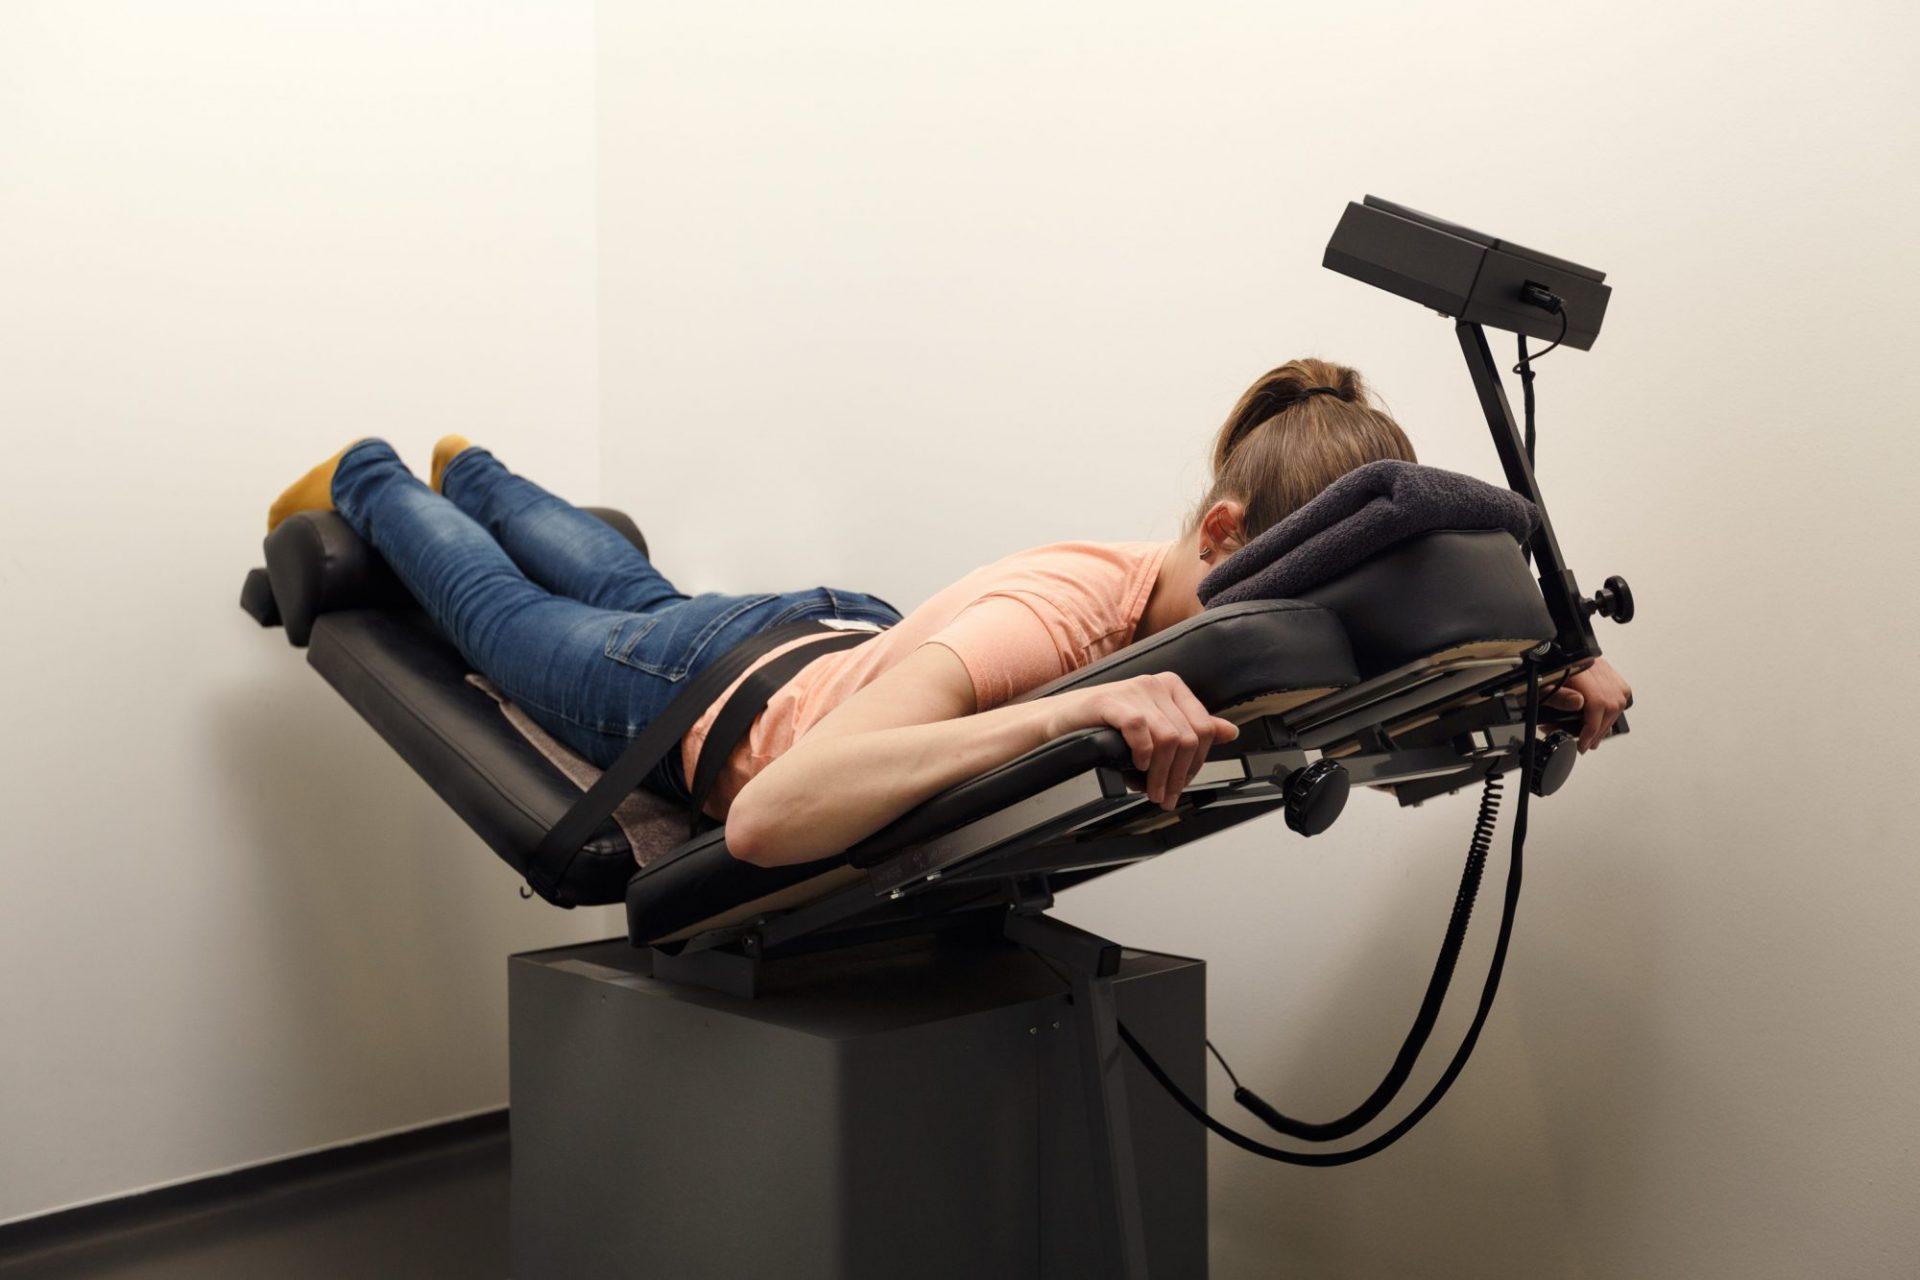 Roermond, Maasbracht, Echt, fysiotherapie, fysiotherapiepraktijk, fysio, praktijk, therapeut, fysiotherapeut, rugklachten, nekklachten, bekkenklachten, rugpijn, nekpijn, bekkenpijn, schouderpijn, schouderklachten